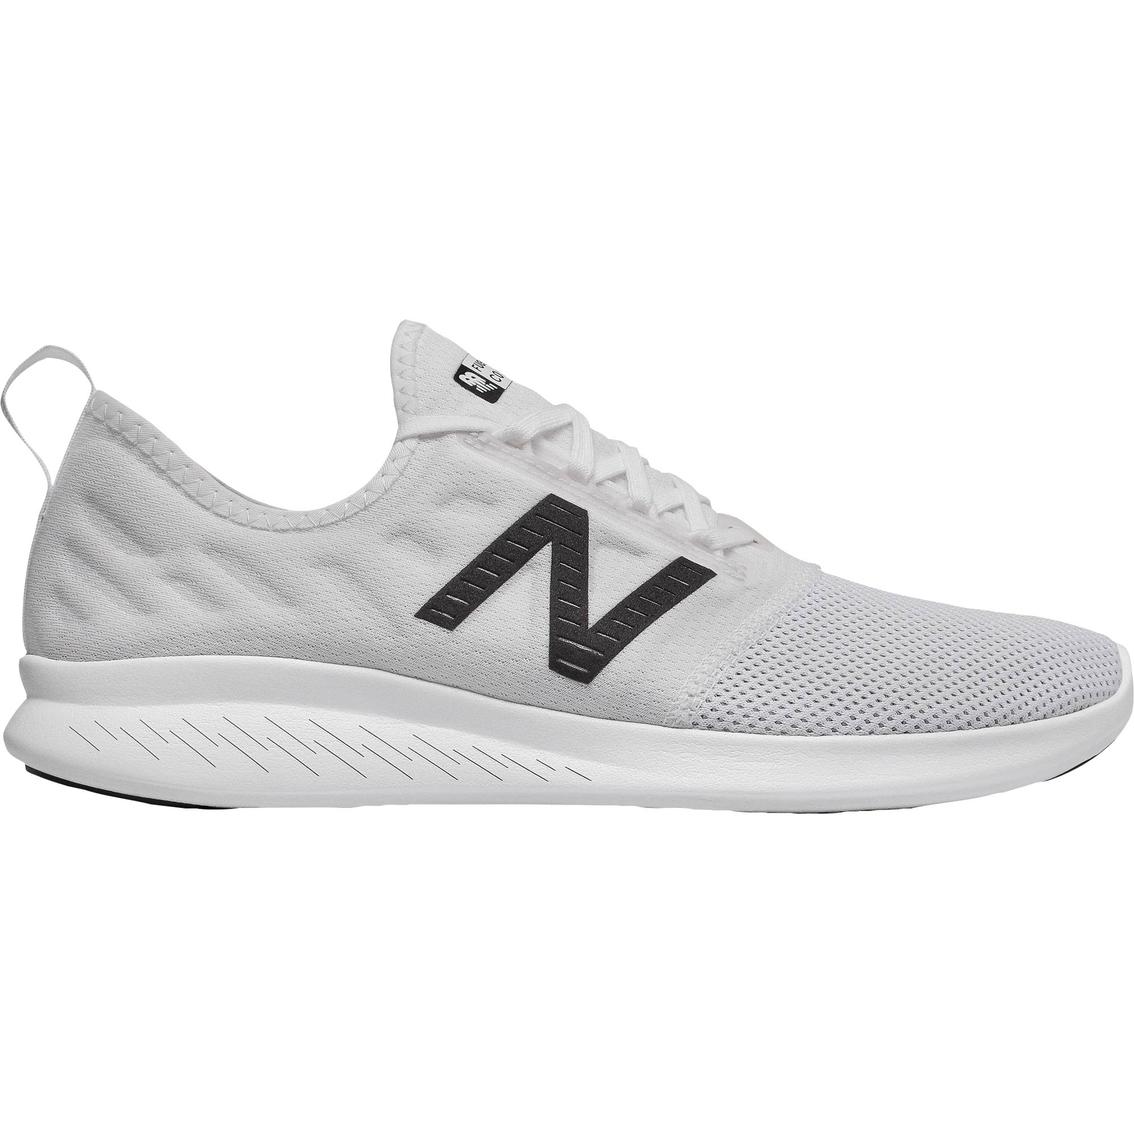 79a462cfb37e New Balance Men s Mcstllg4 Running Shoes